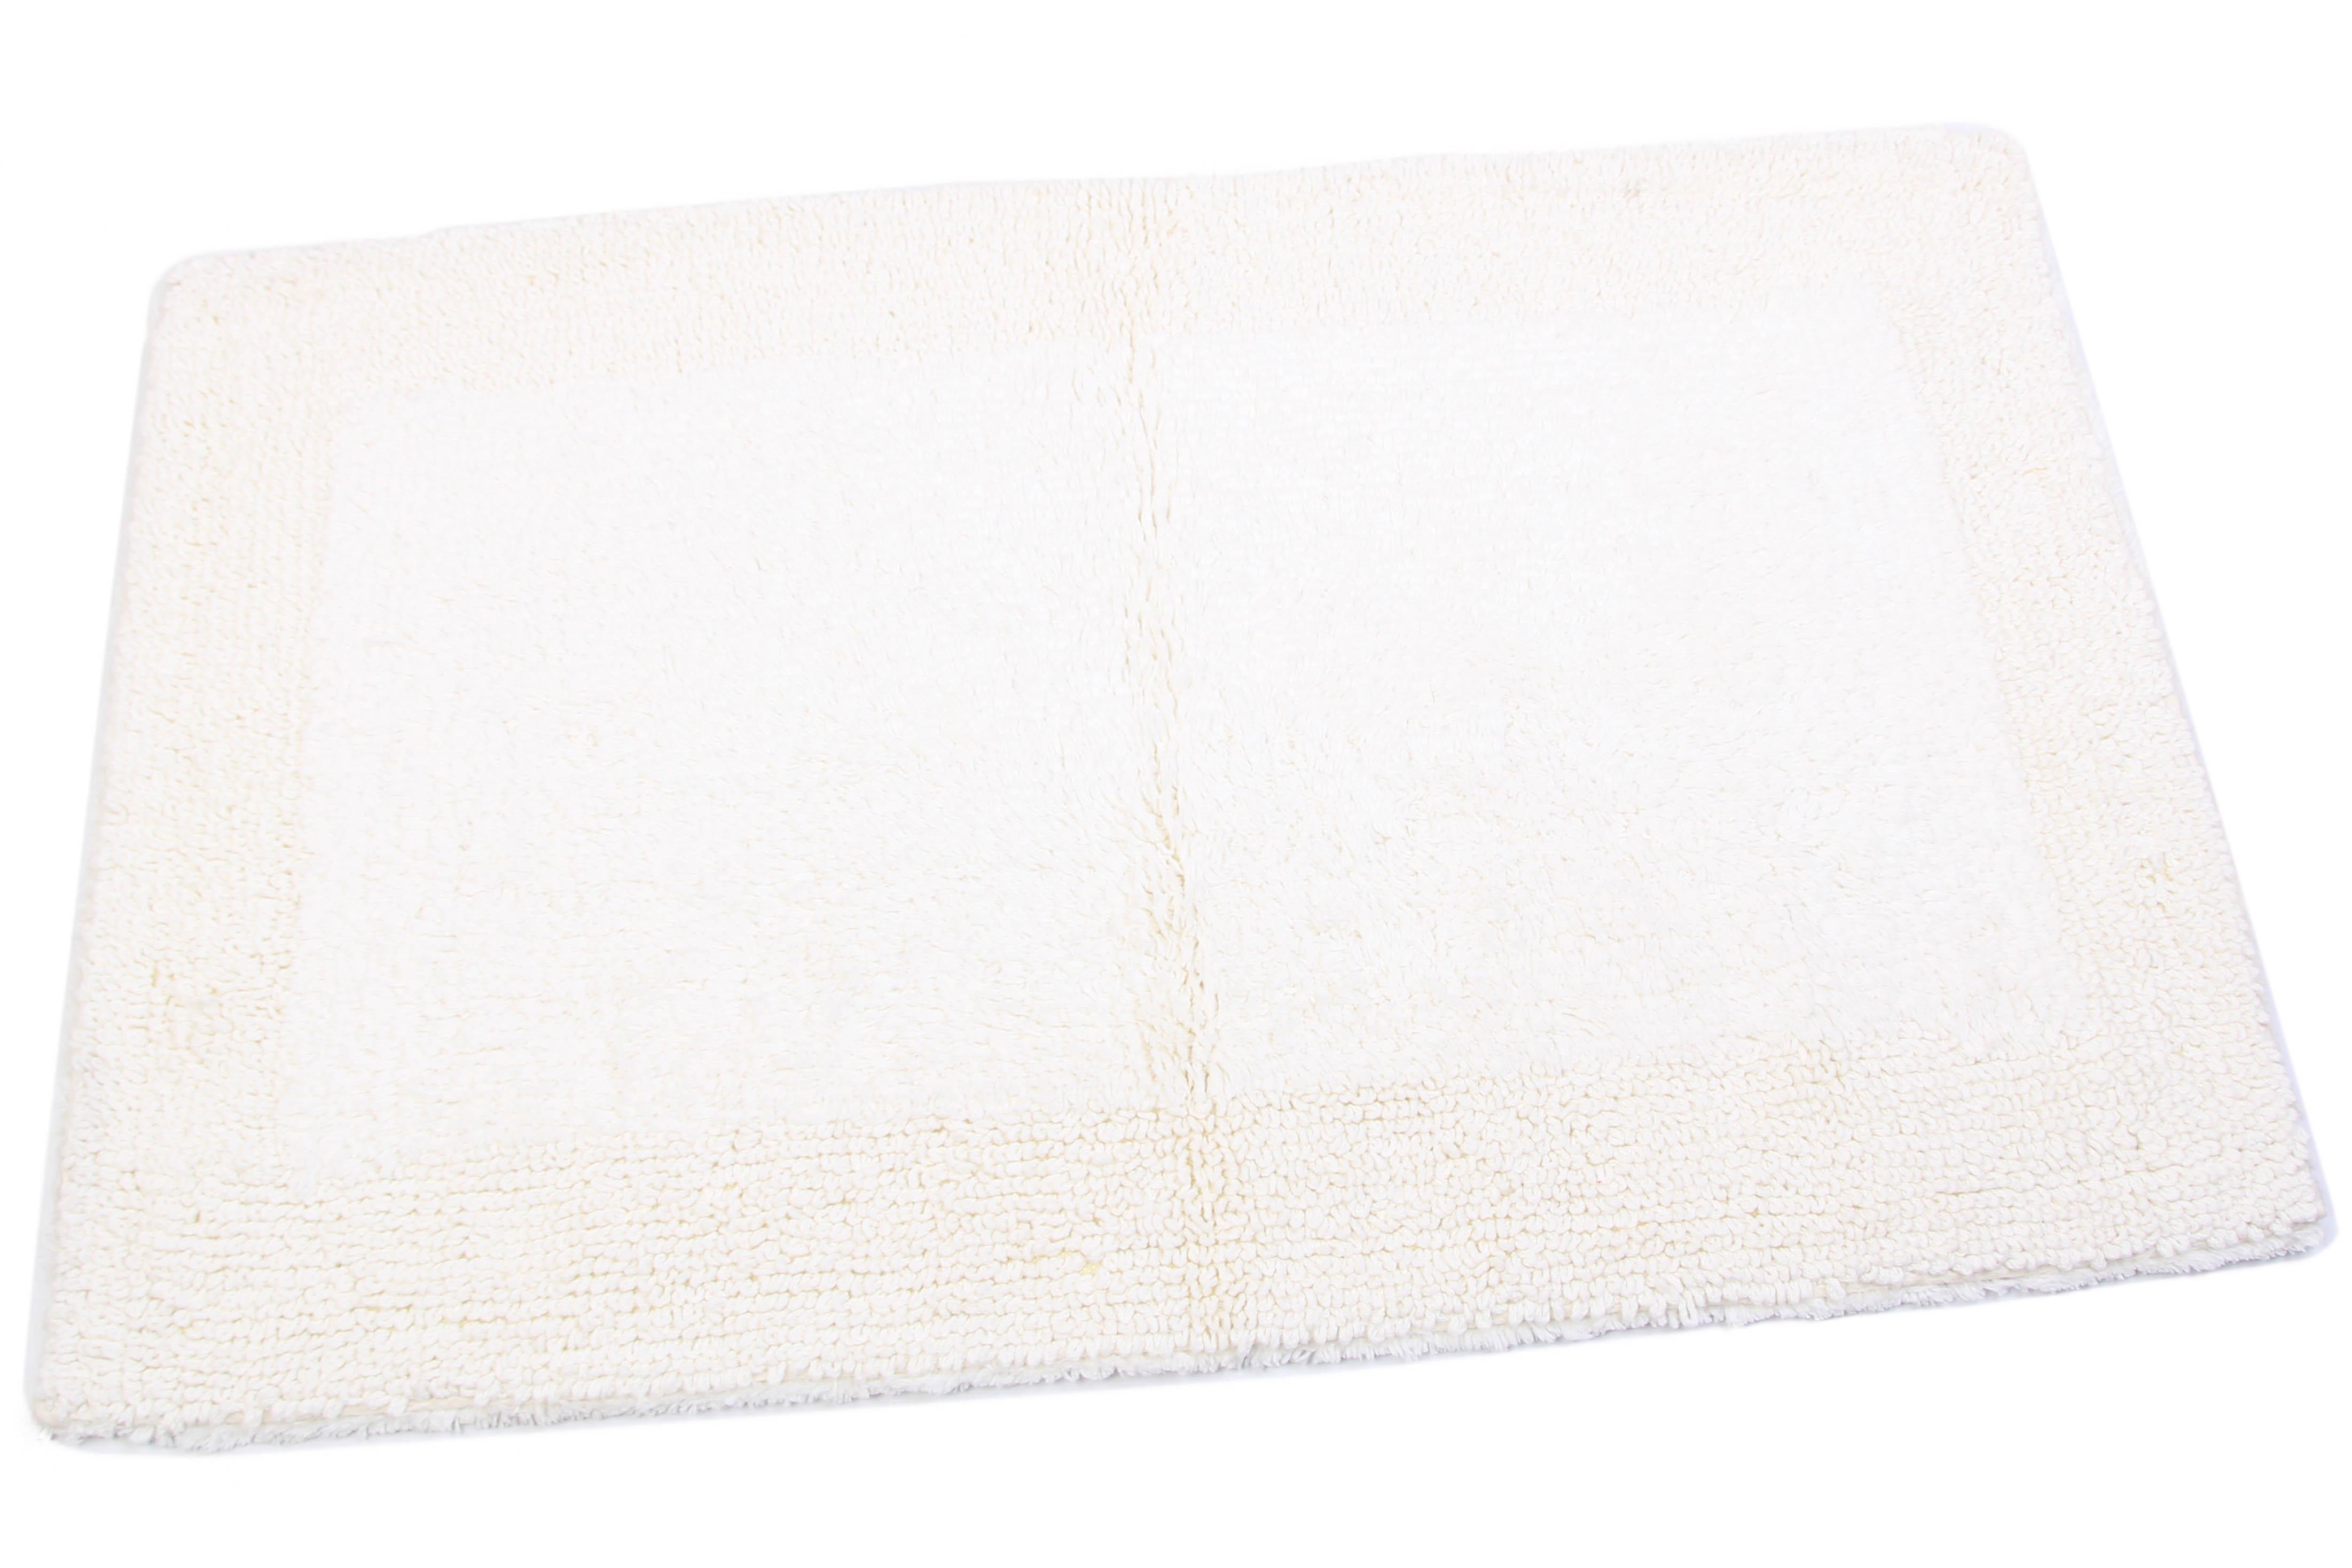 Аксессуары для ванной и туалета Ганг Коврик для ванной Gerry  (50х80 см) аксессуары для ванной и туалета white clean коврик для ванной lakeland 50х80 см